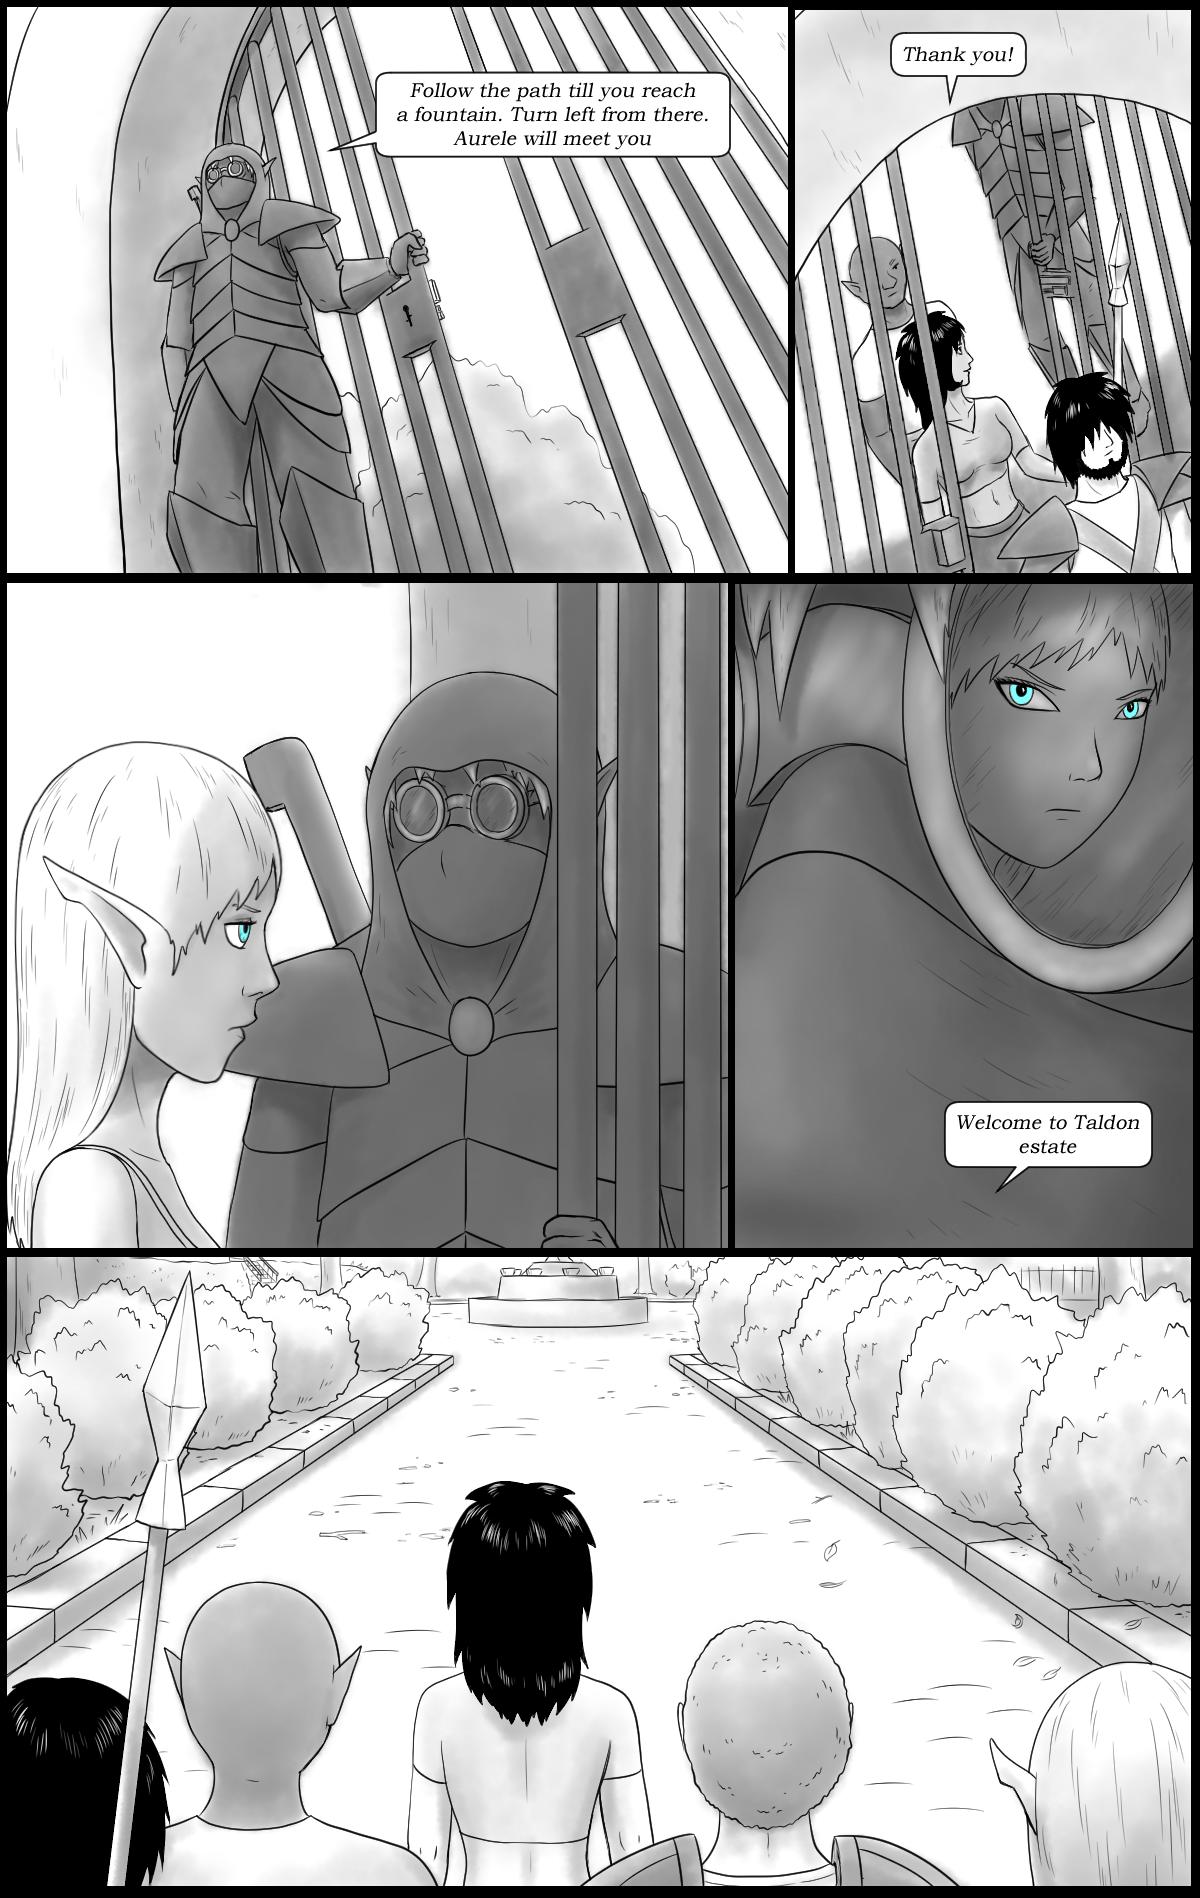 Page 74 - The Taldon estate